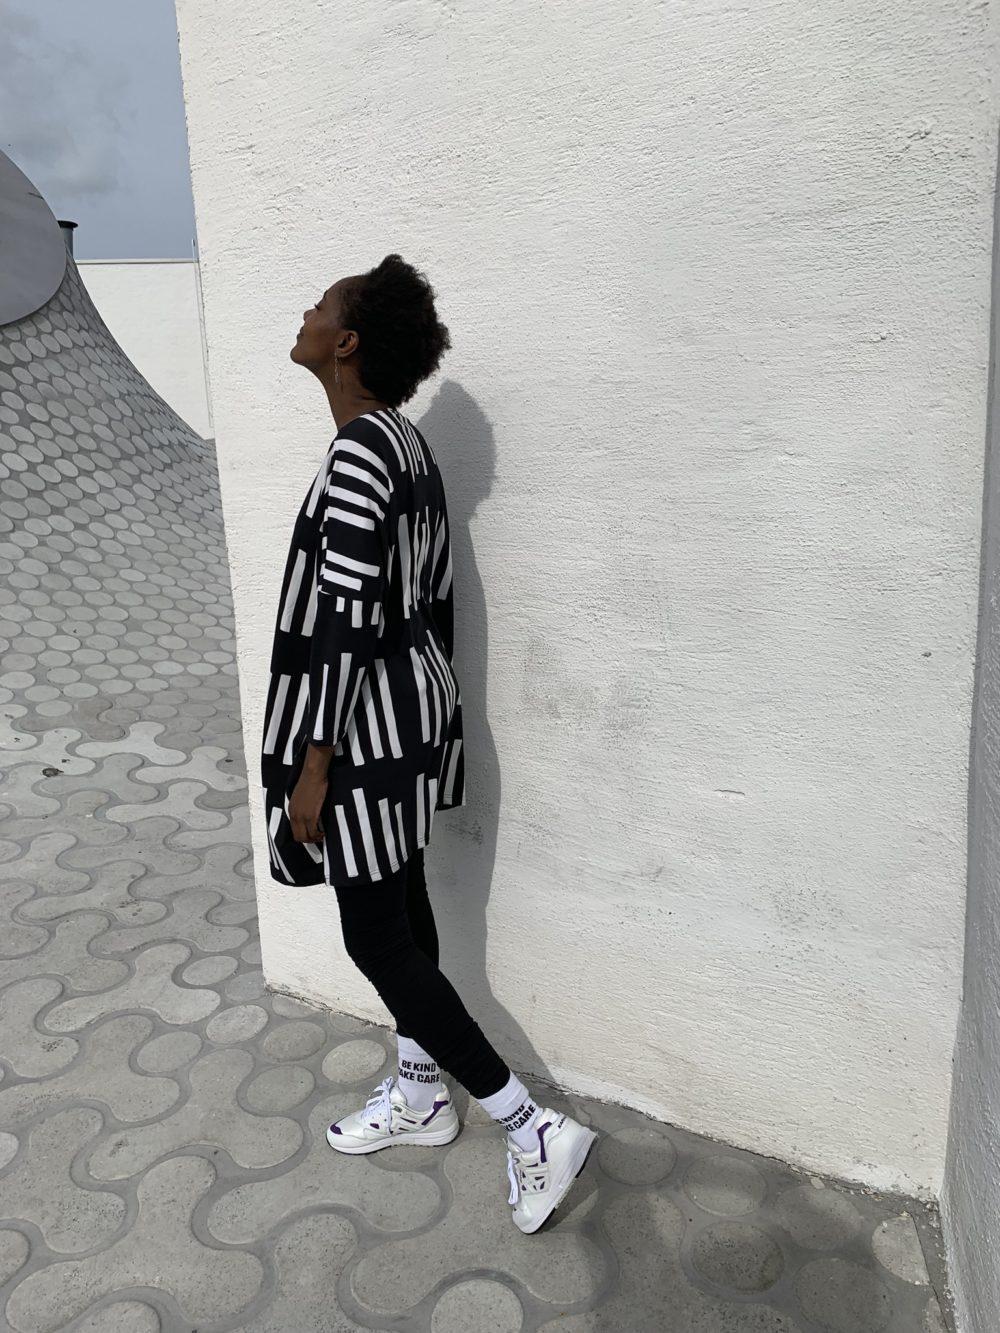 Vimma Skirt Long SYLVI Archive black-white Onesize - Archive, black-white, Onesize, Skirt / Long, SYLVI